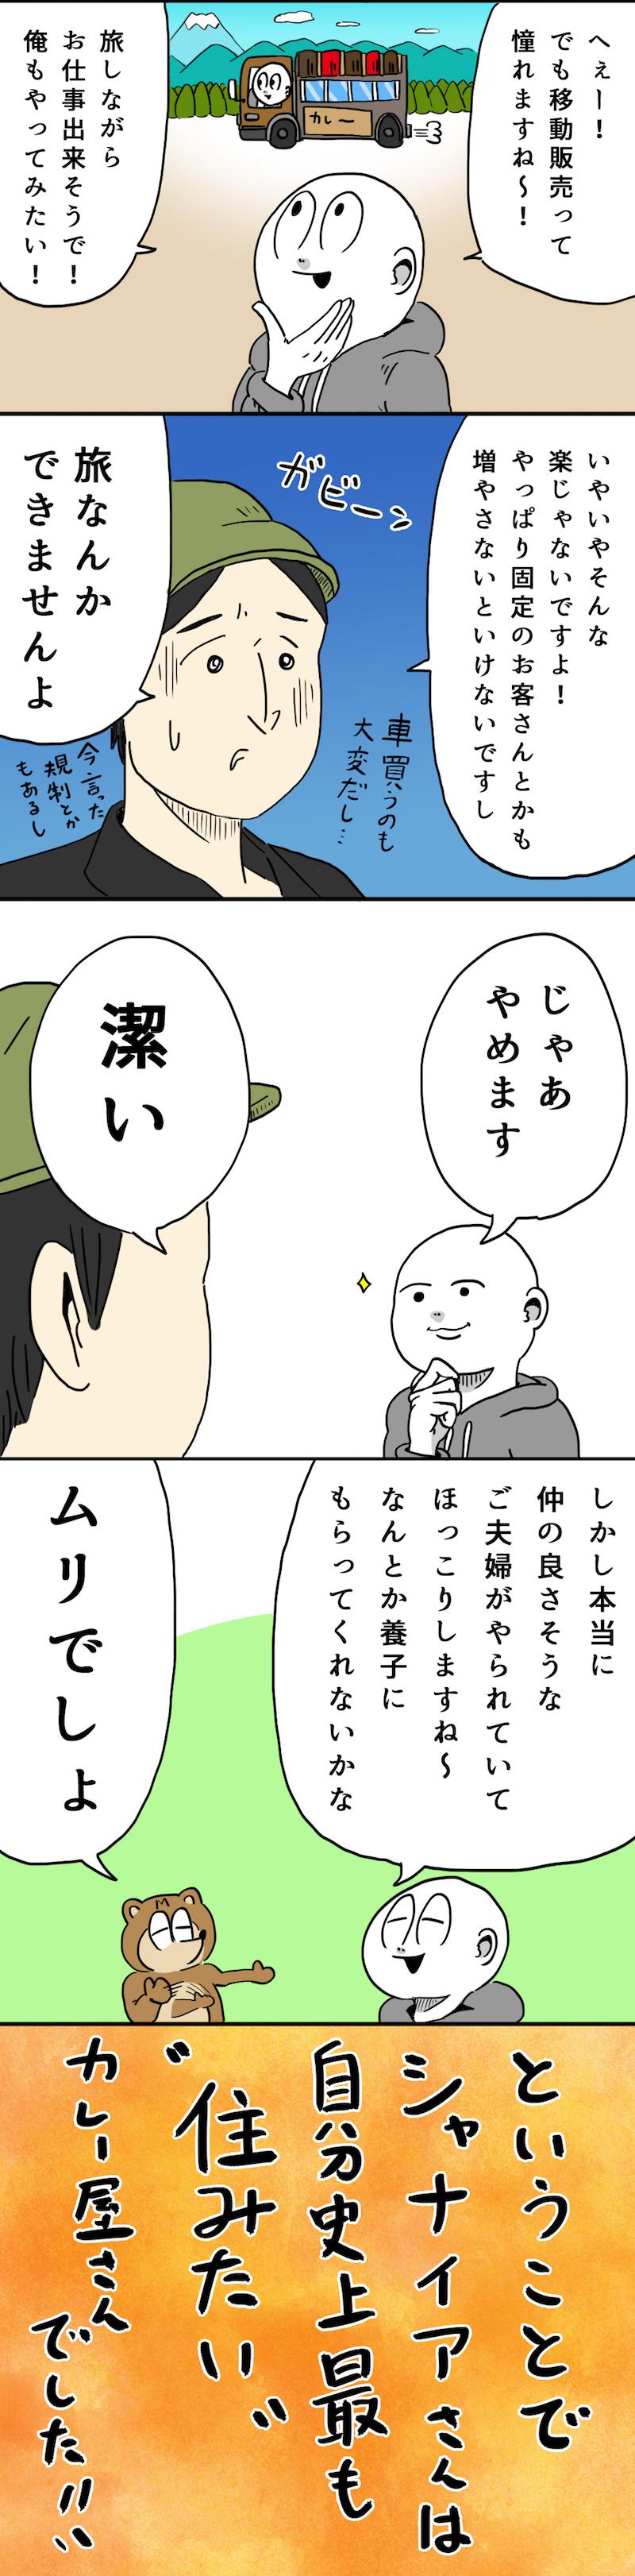 f:id:Meshi2_IB:20160729131035j:plain